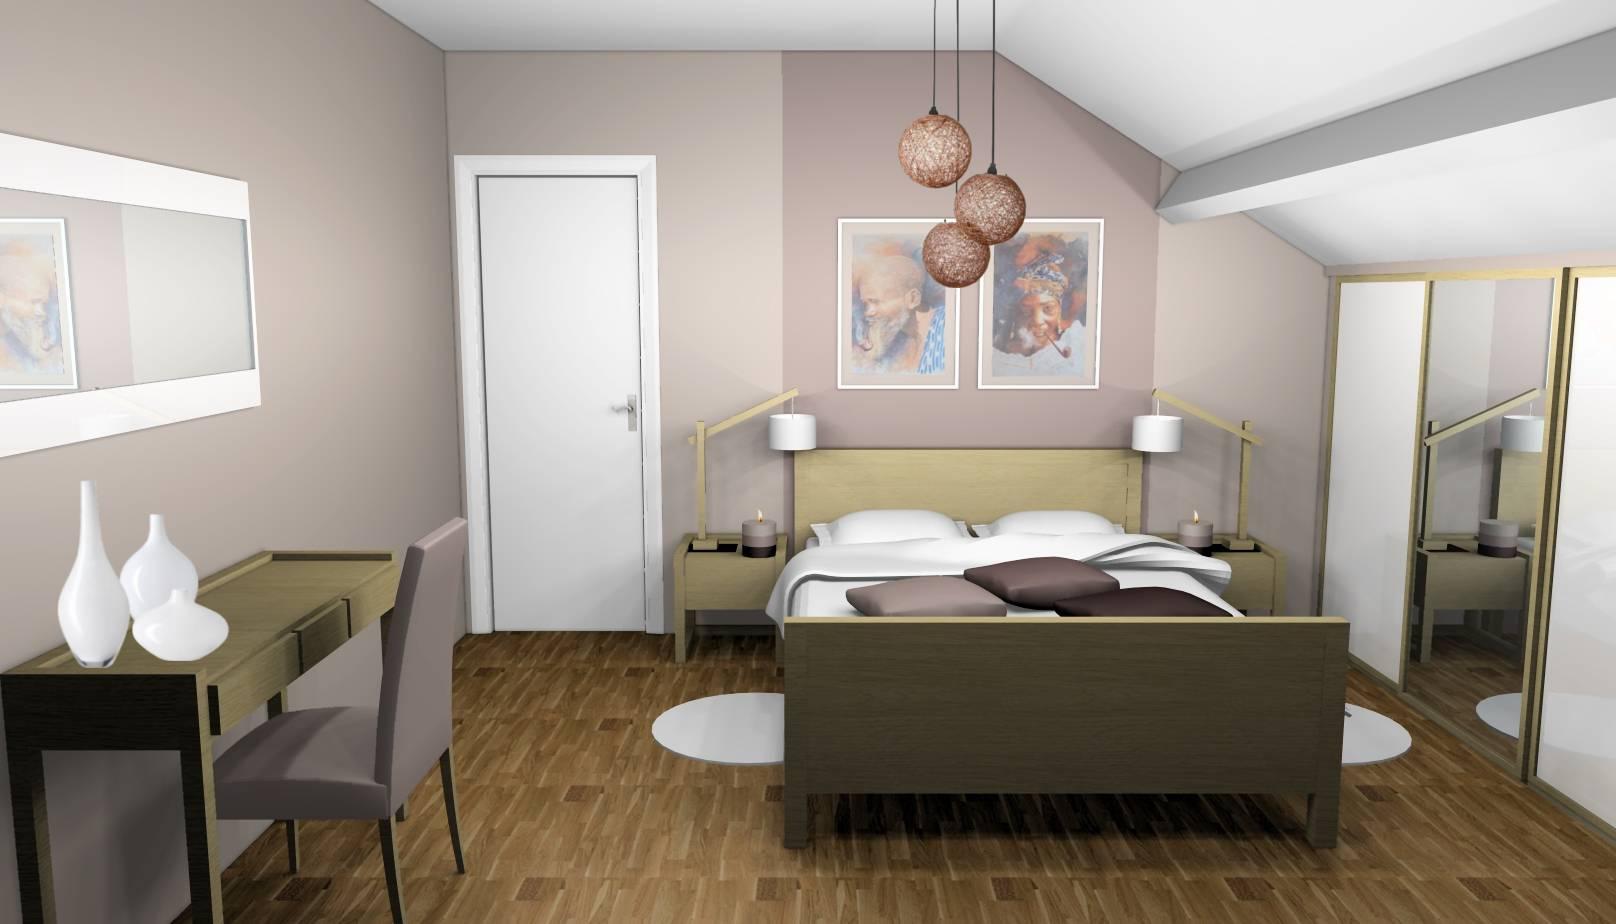 Décoration Chambre Taupe Et Beige chambre beige archives - designement vôtre